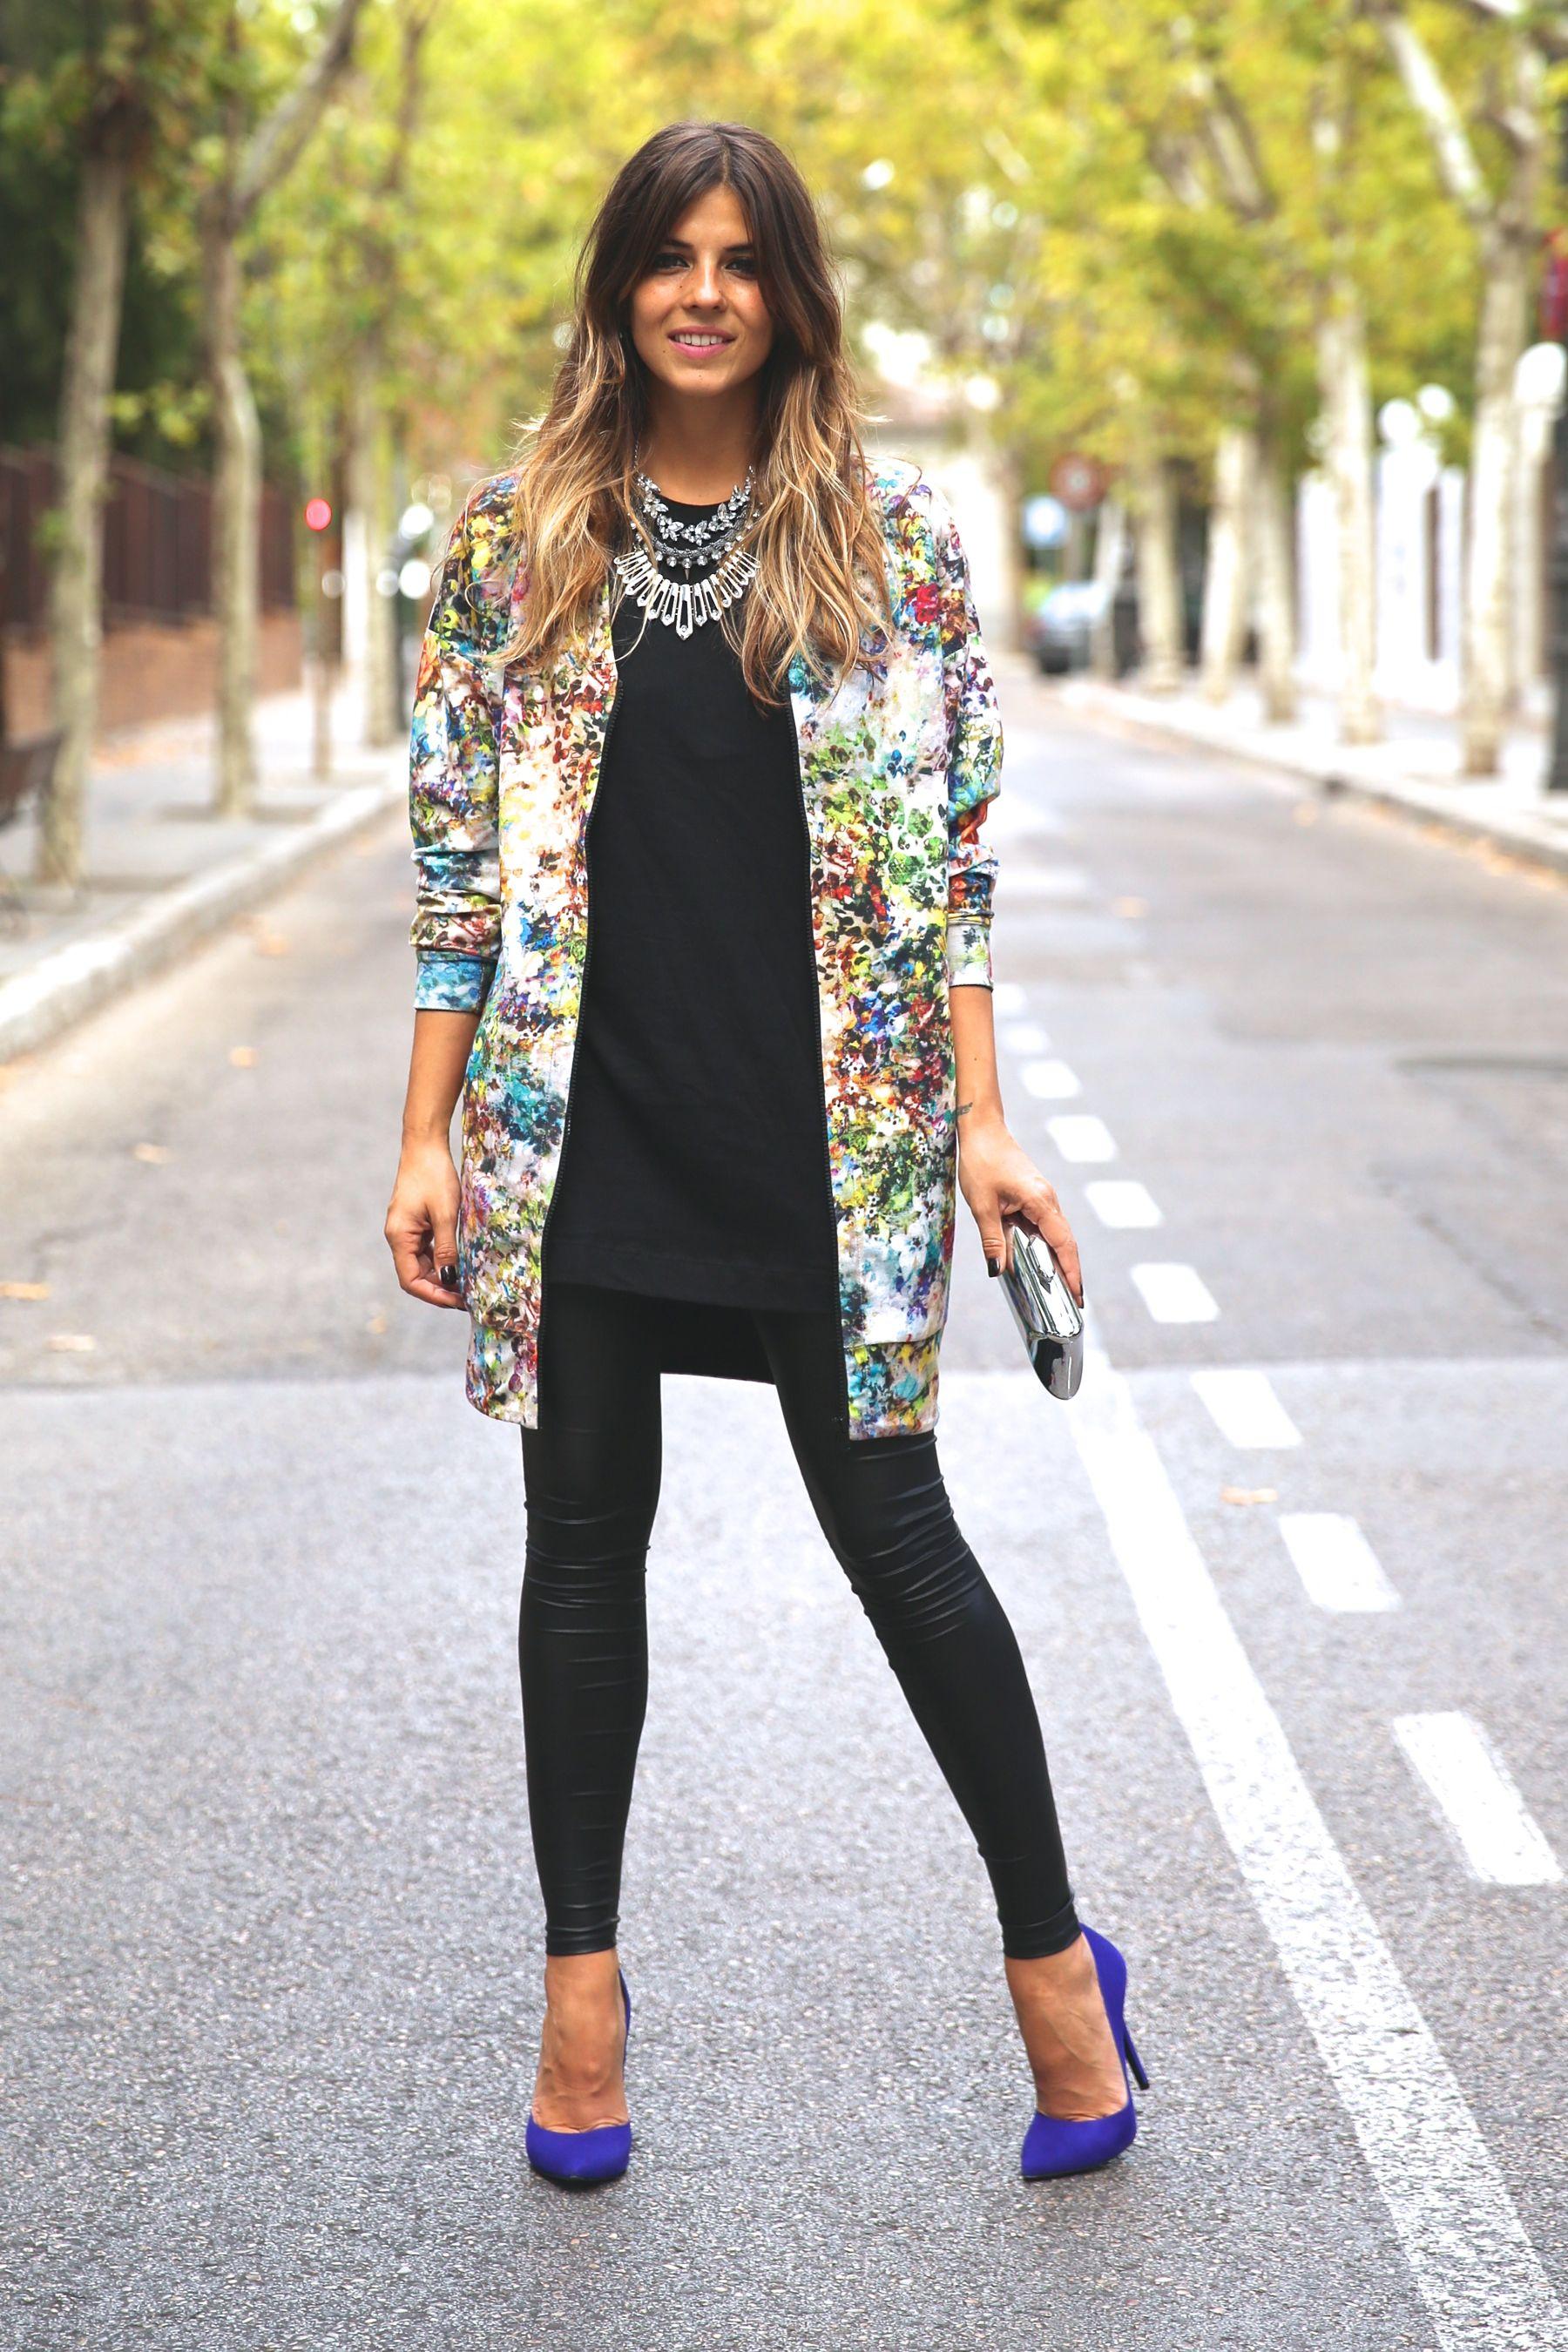 trendy_taste-look-outfit-street_style-ootd-blog-blogger-fashion_spain-moda_españa-leggings-bomber-cazadora-estampado_flores-flower_print-mas34-stiletto-estiletos-basic_tee-camiseta_basica-sport_chic-15